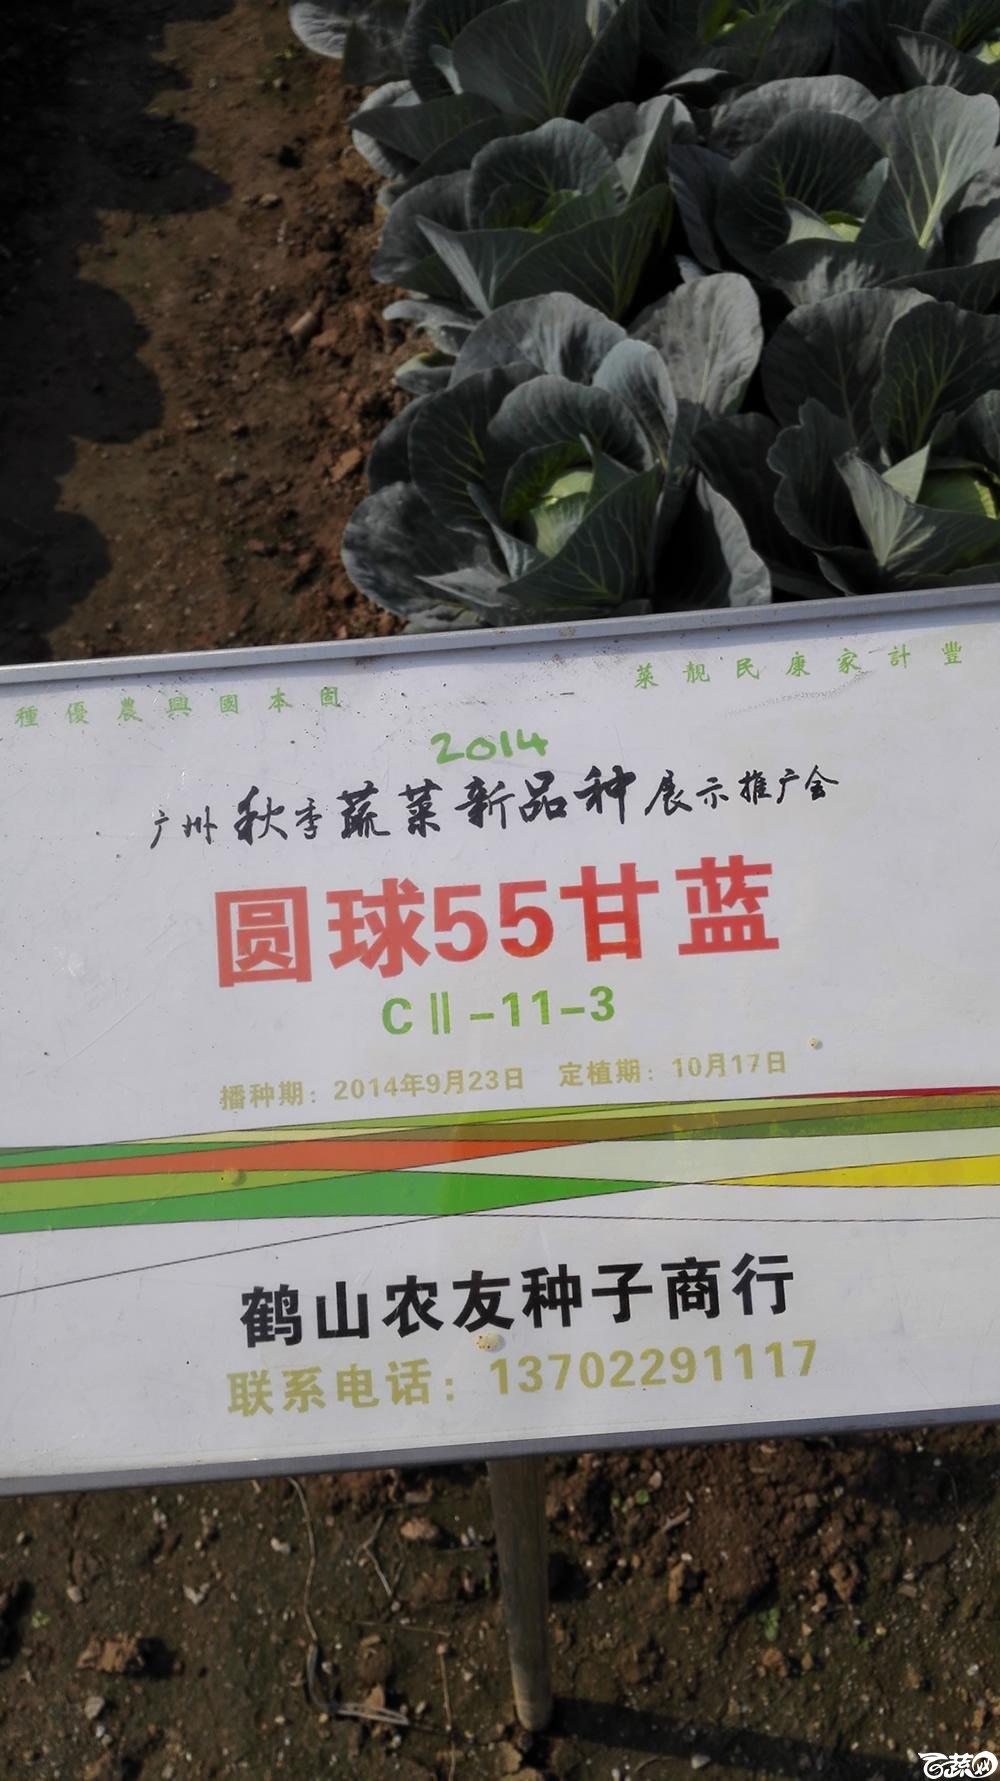 2014年12月10号广州市农科院南沙秋季蔬菜新品种展示会 甘蓝_111.jpg